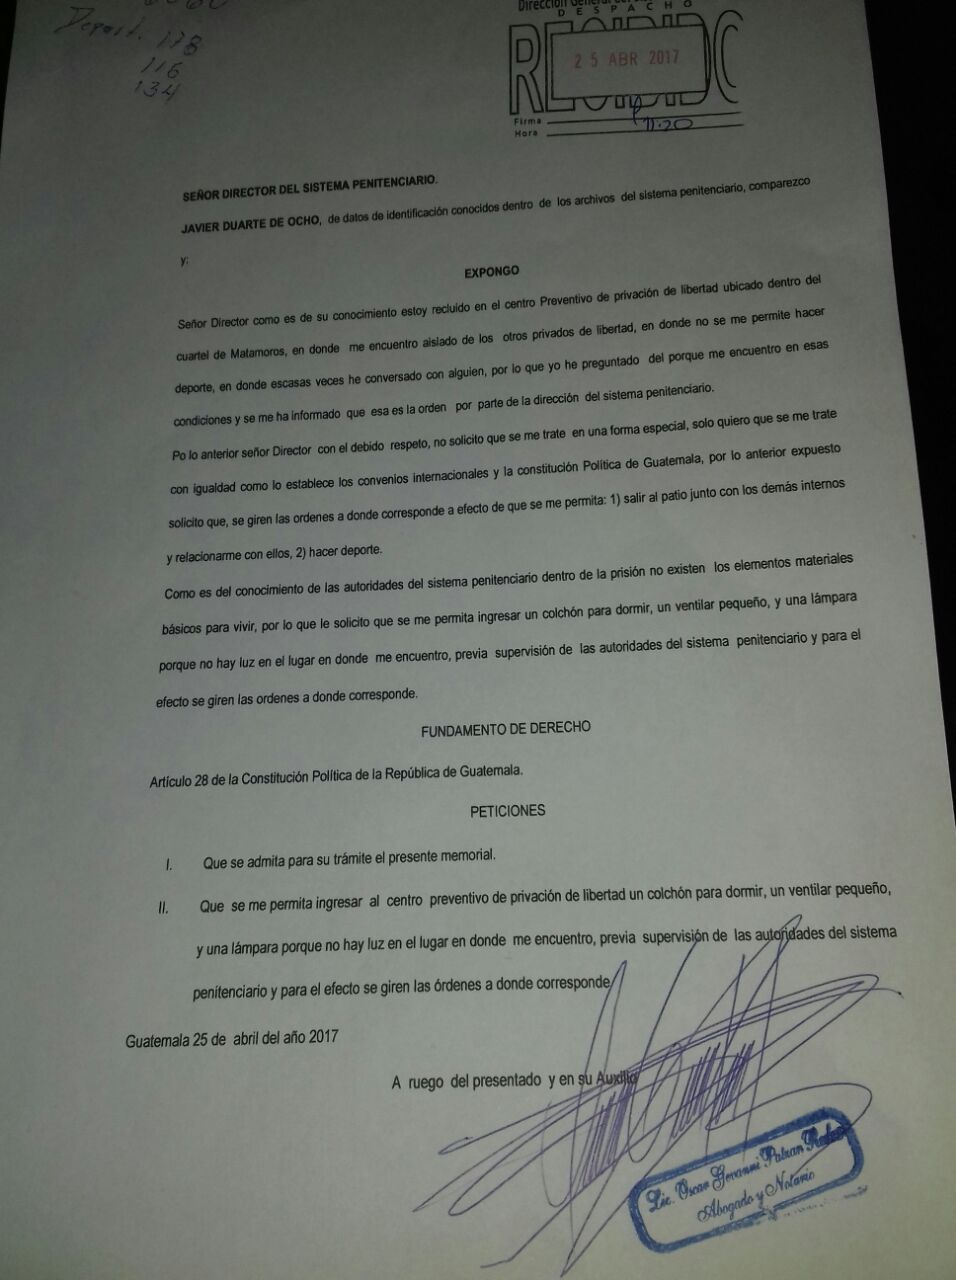 Carta enviada por Javier Duarte